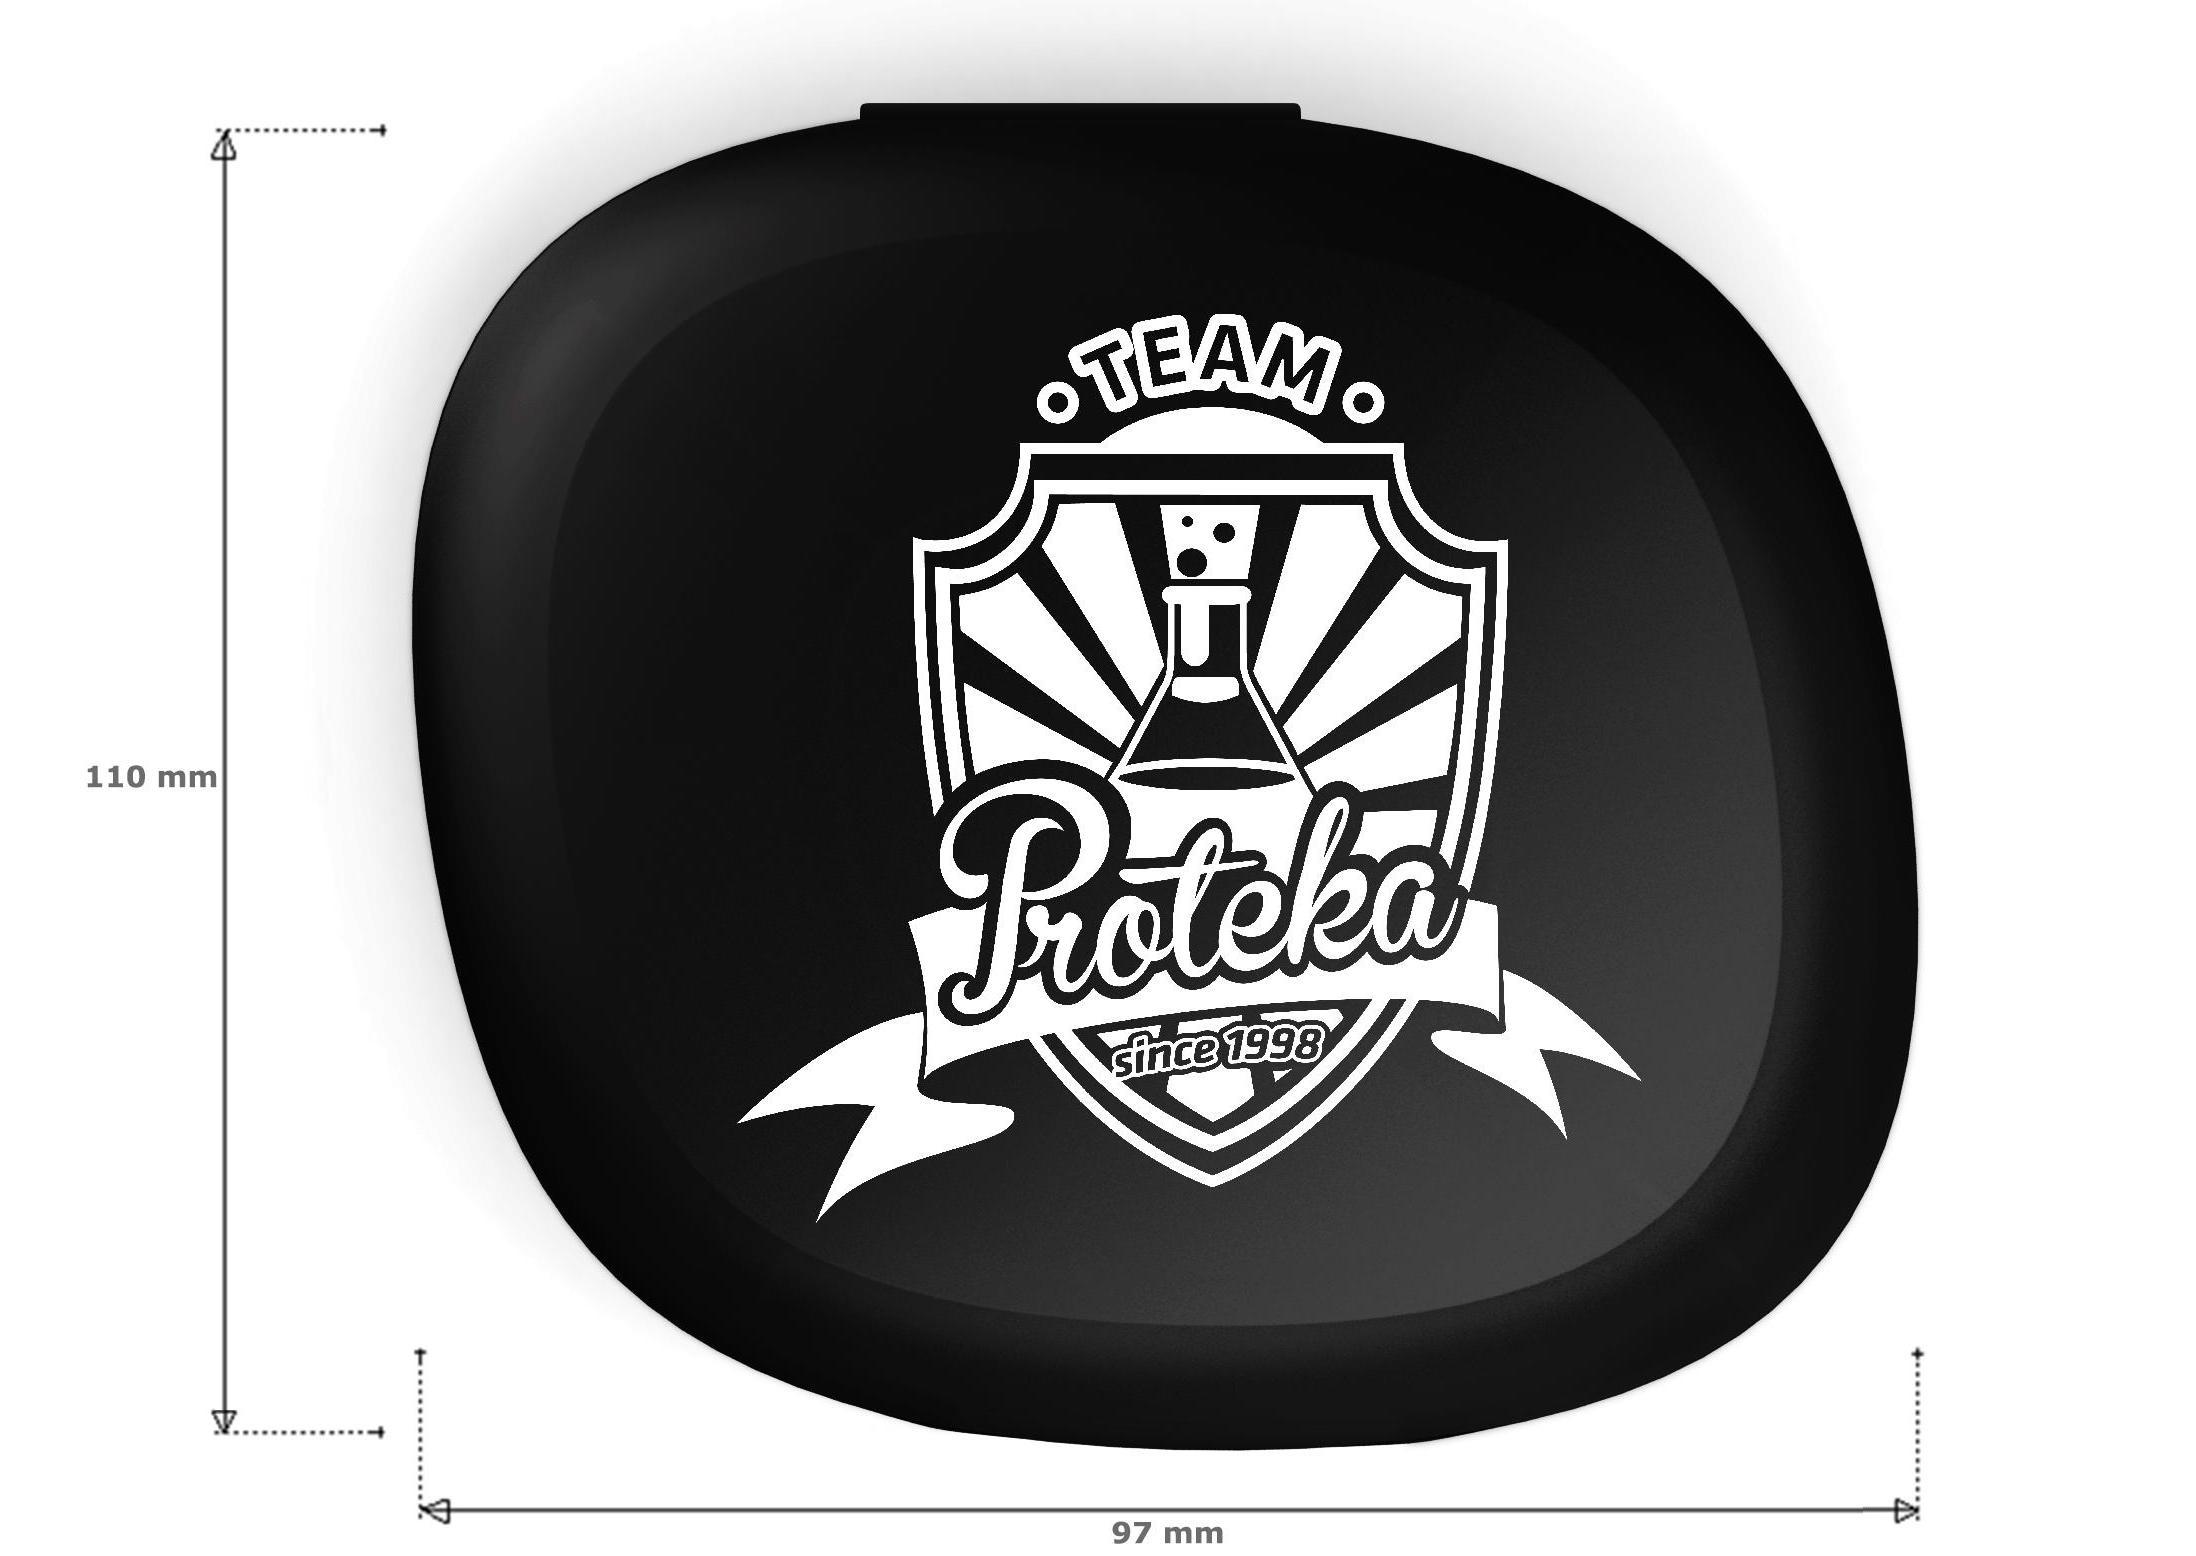 Team Proteka pillbox